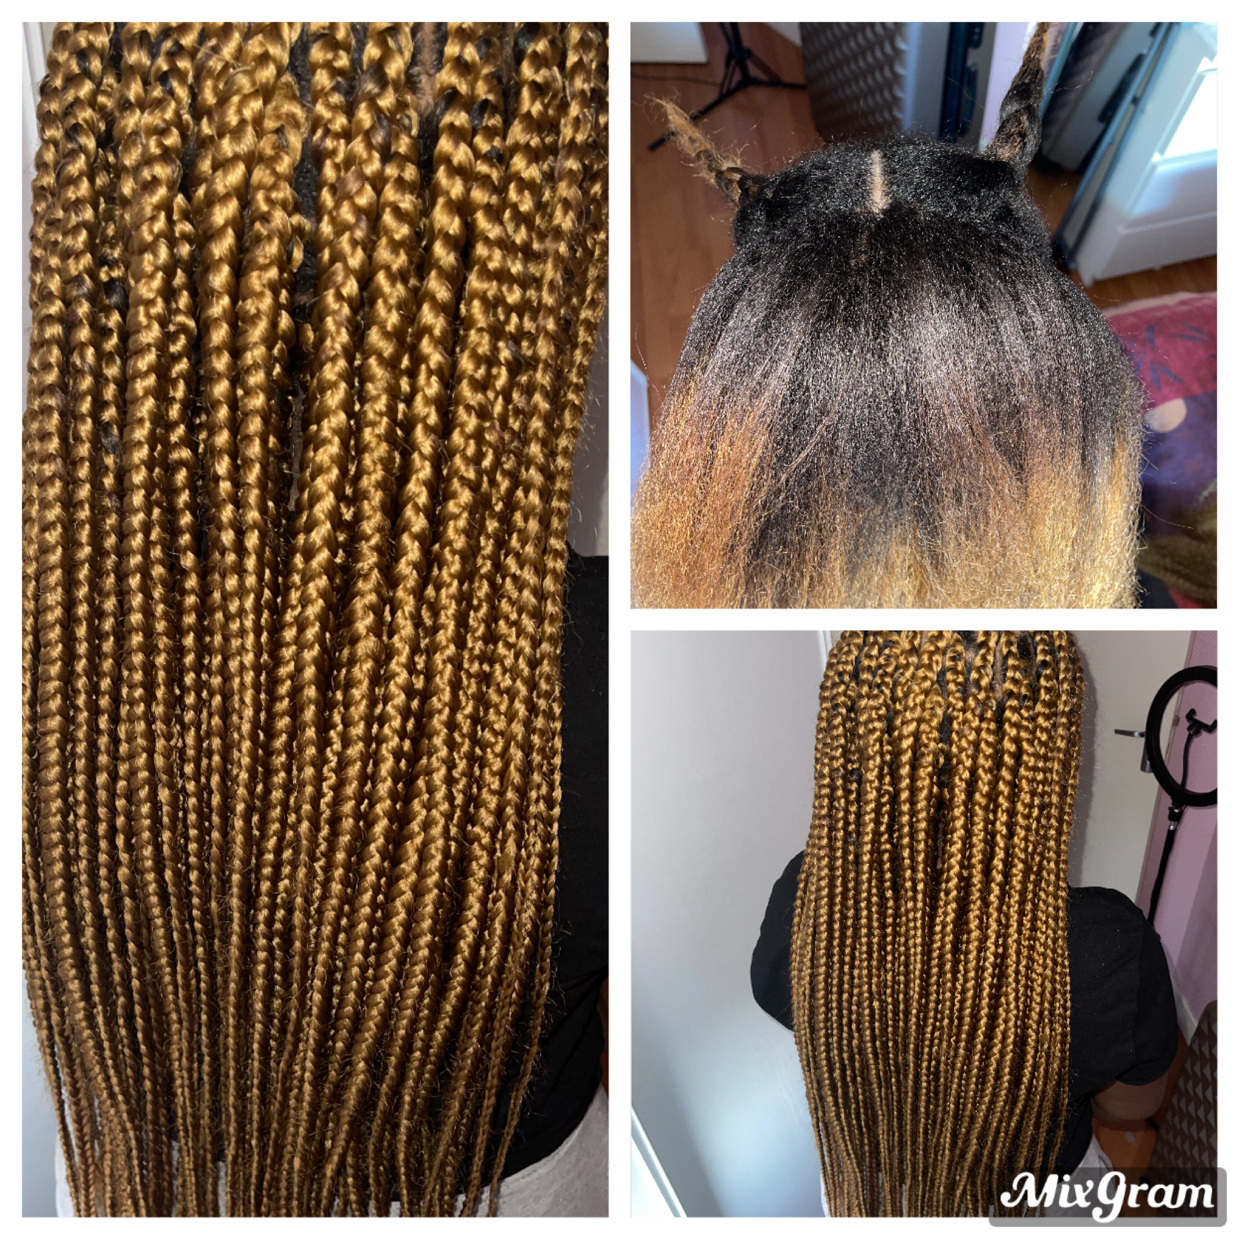 salon de coiffure afro tresse tresses box braids crochet braids vanilles tissages paris 75 77 78 91 92 93 94 95 DLJBLXKC